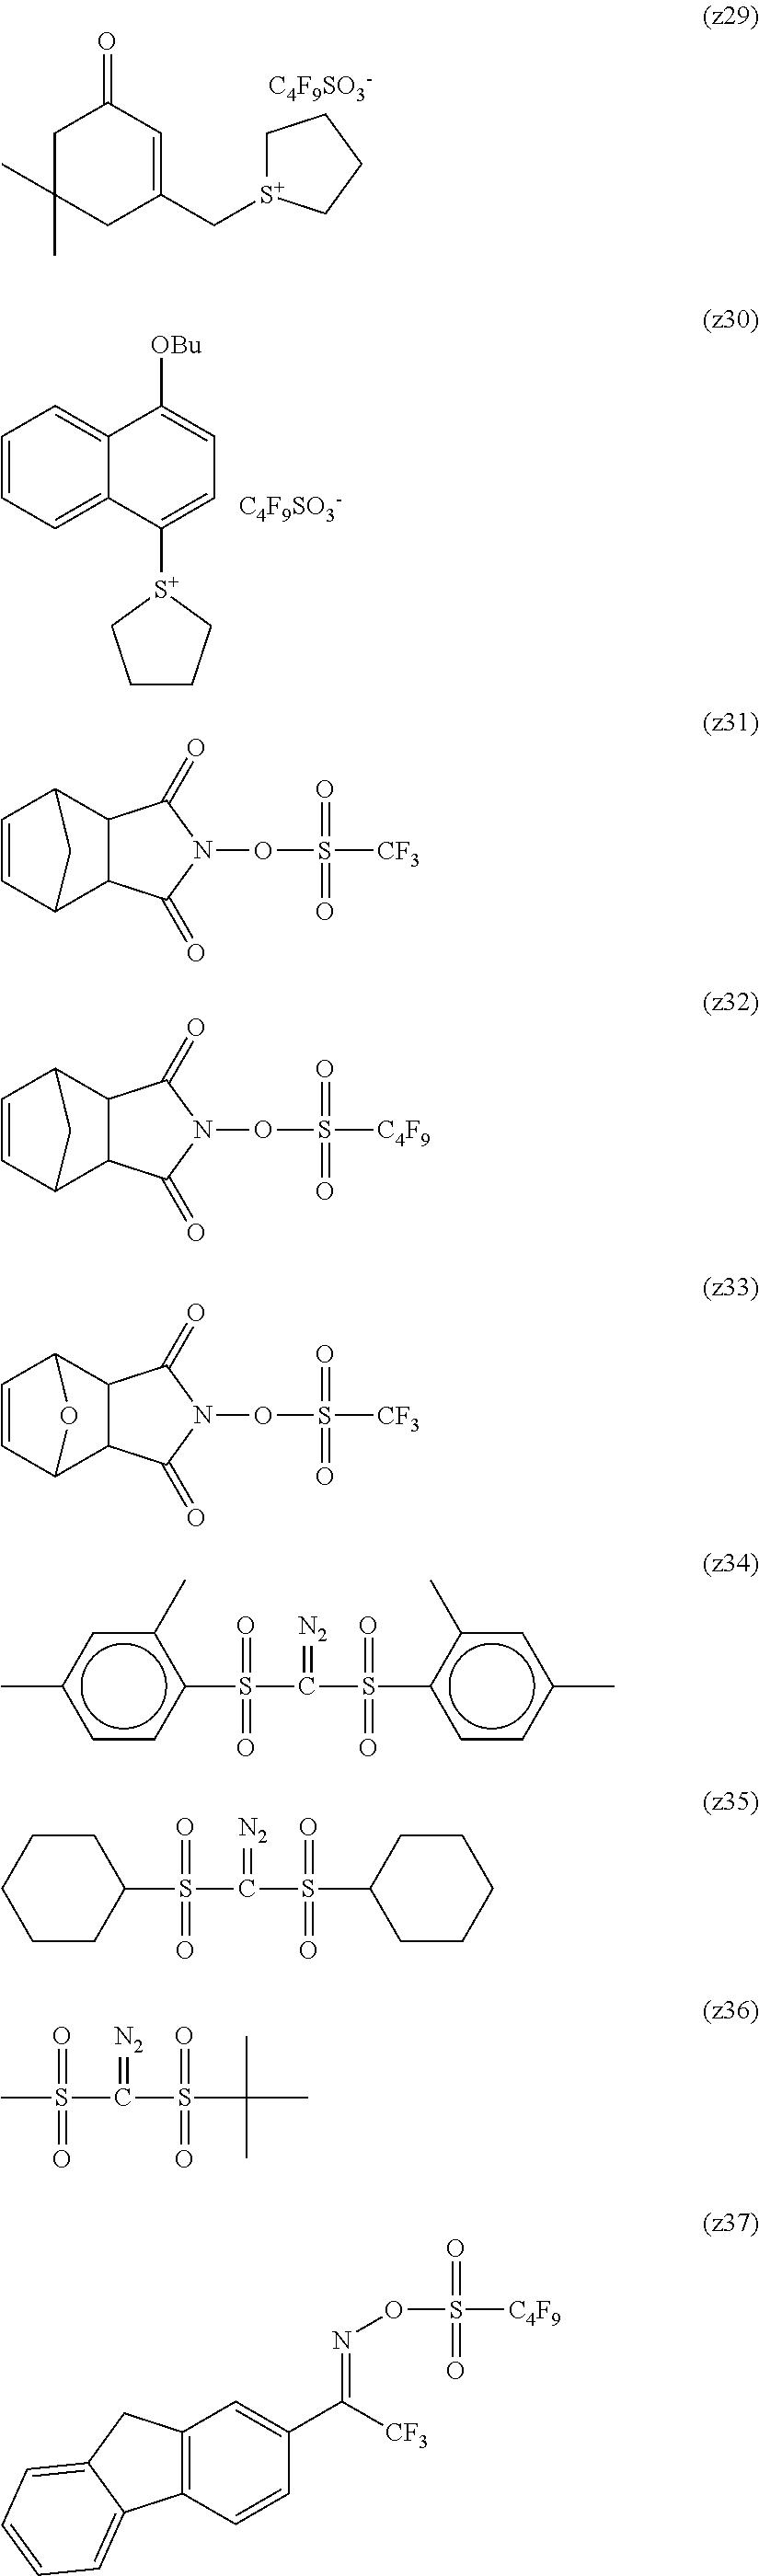 Figure US08071272-20111206-C00050